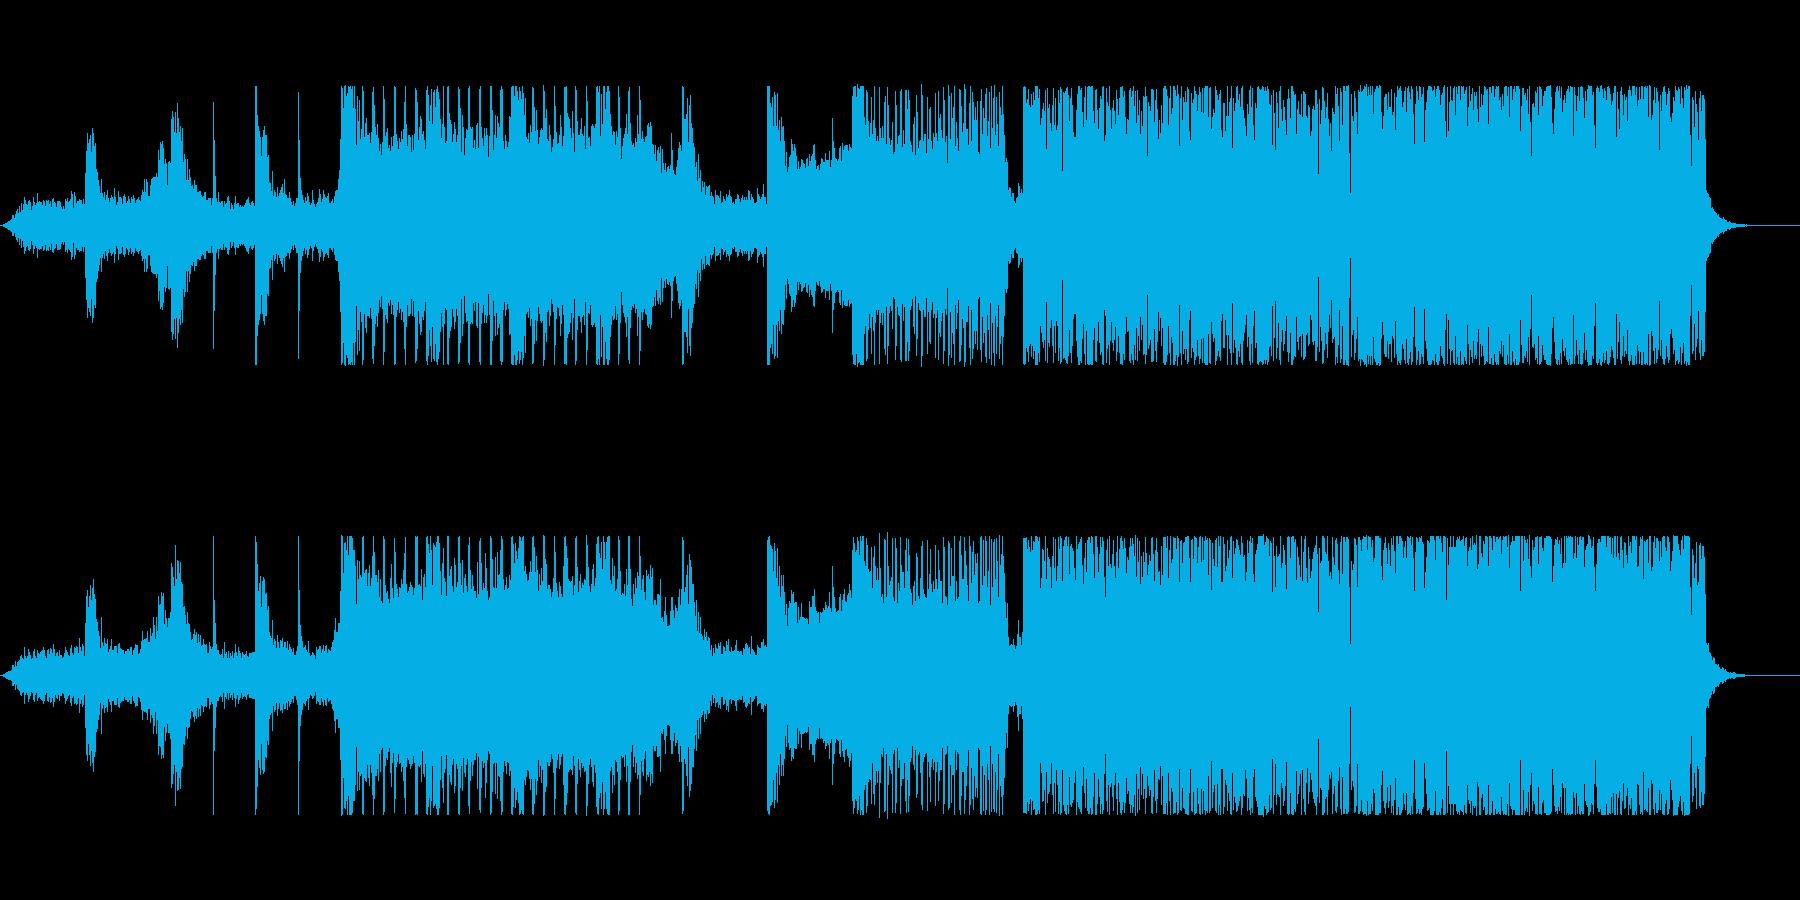 歪んだベース音が主体のドラムンベースの再生済みの波形